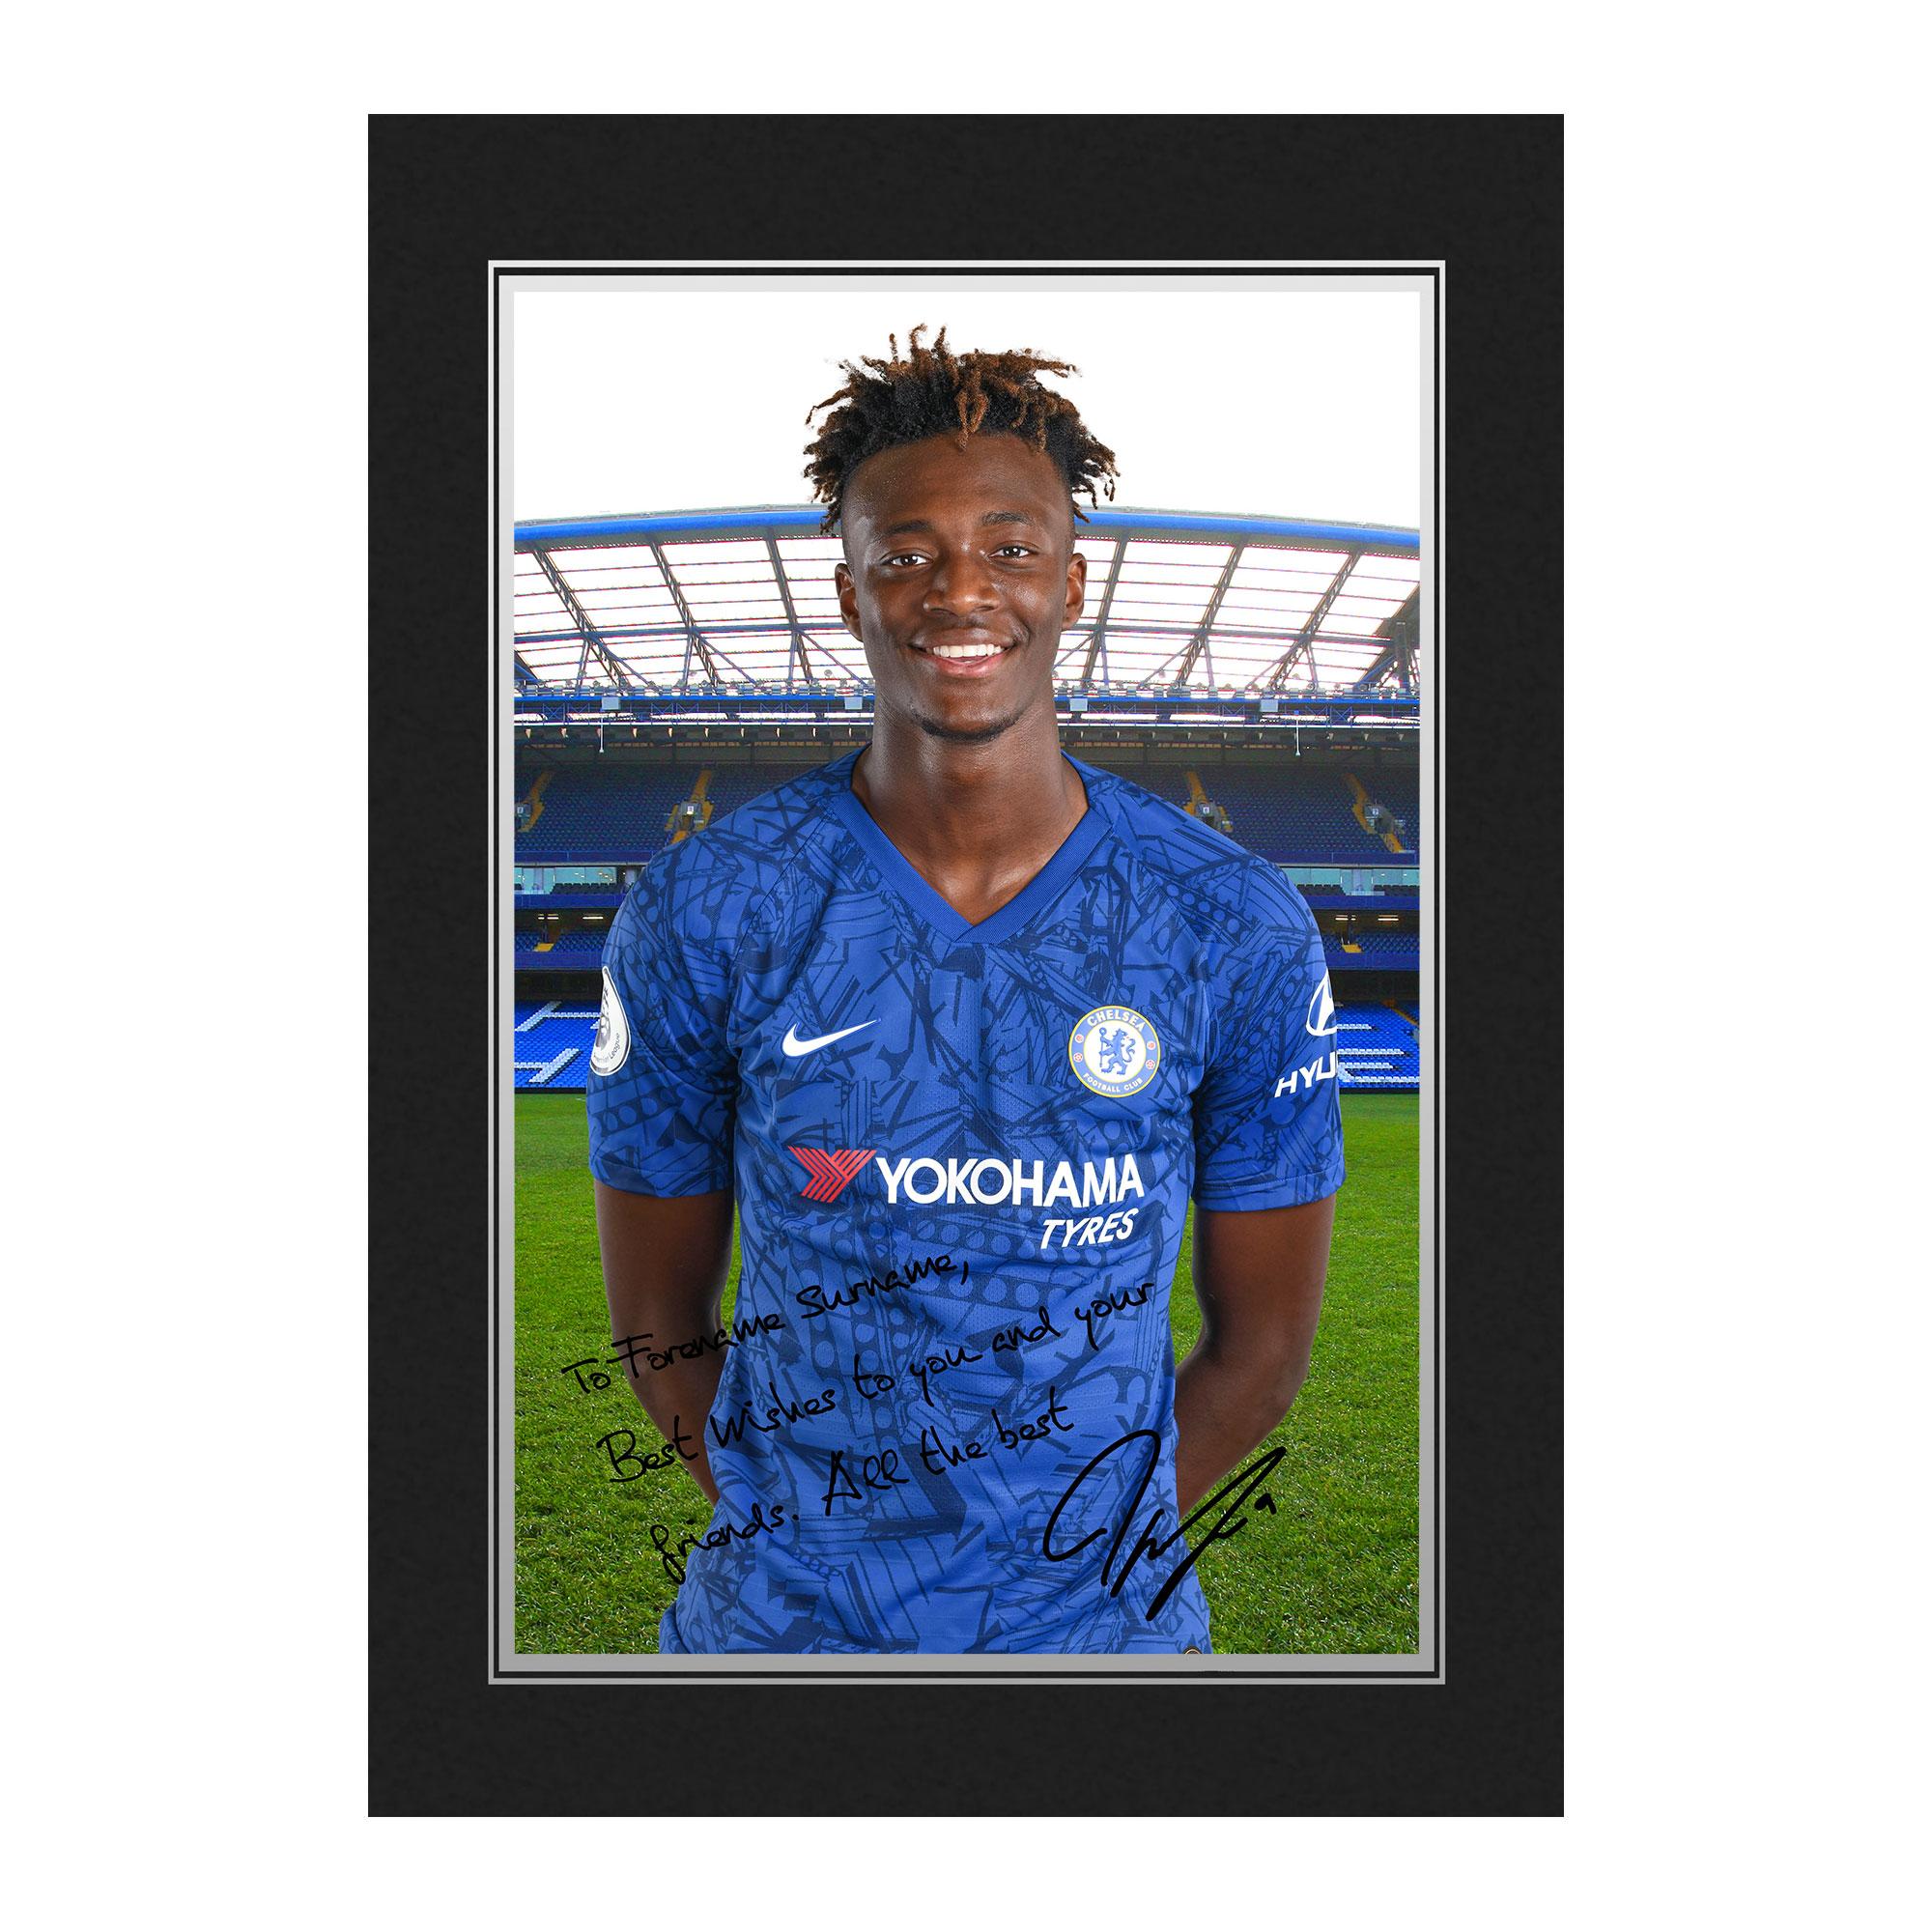 Chelsea FC Abraham Autograph Photo Folder